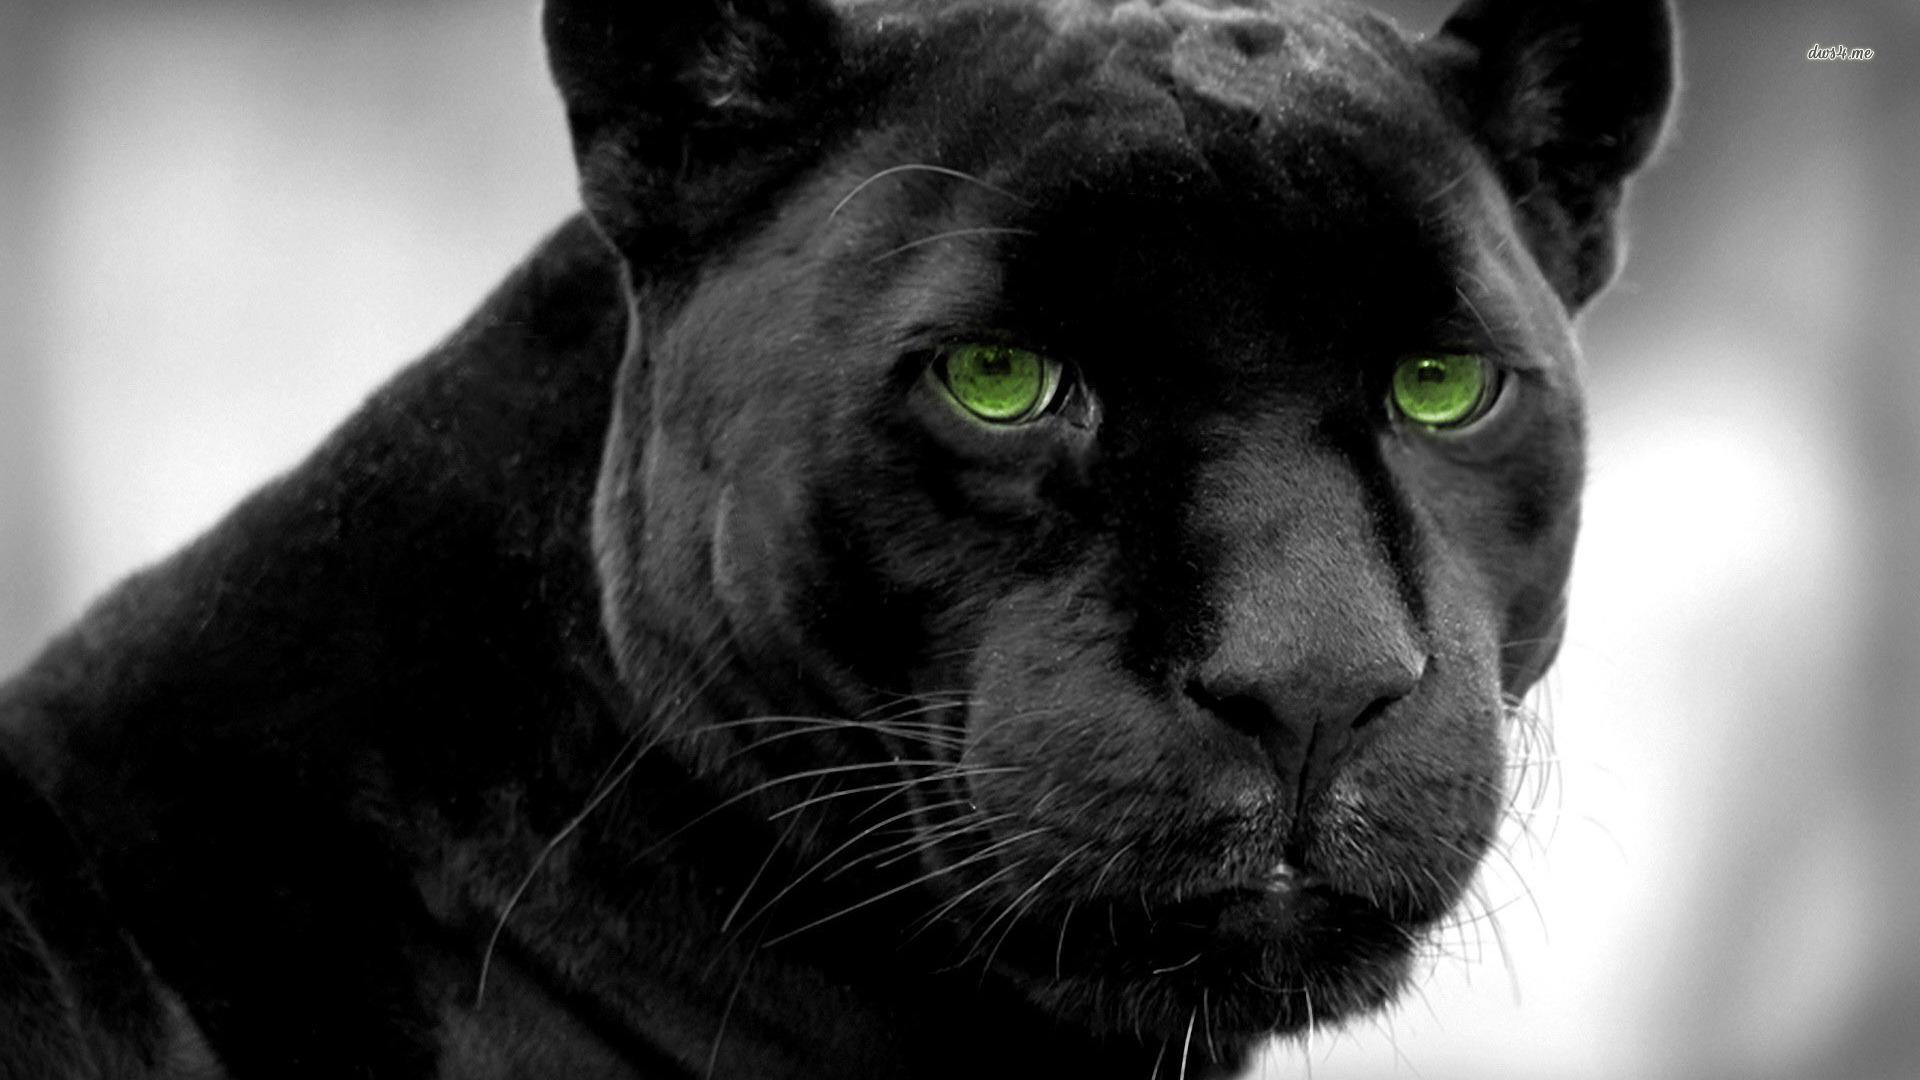 black panther wallpapers 15480 black panther 1920x1080 animal 1920x1080